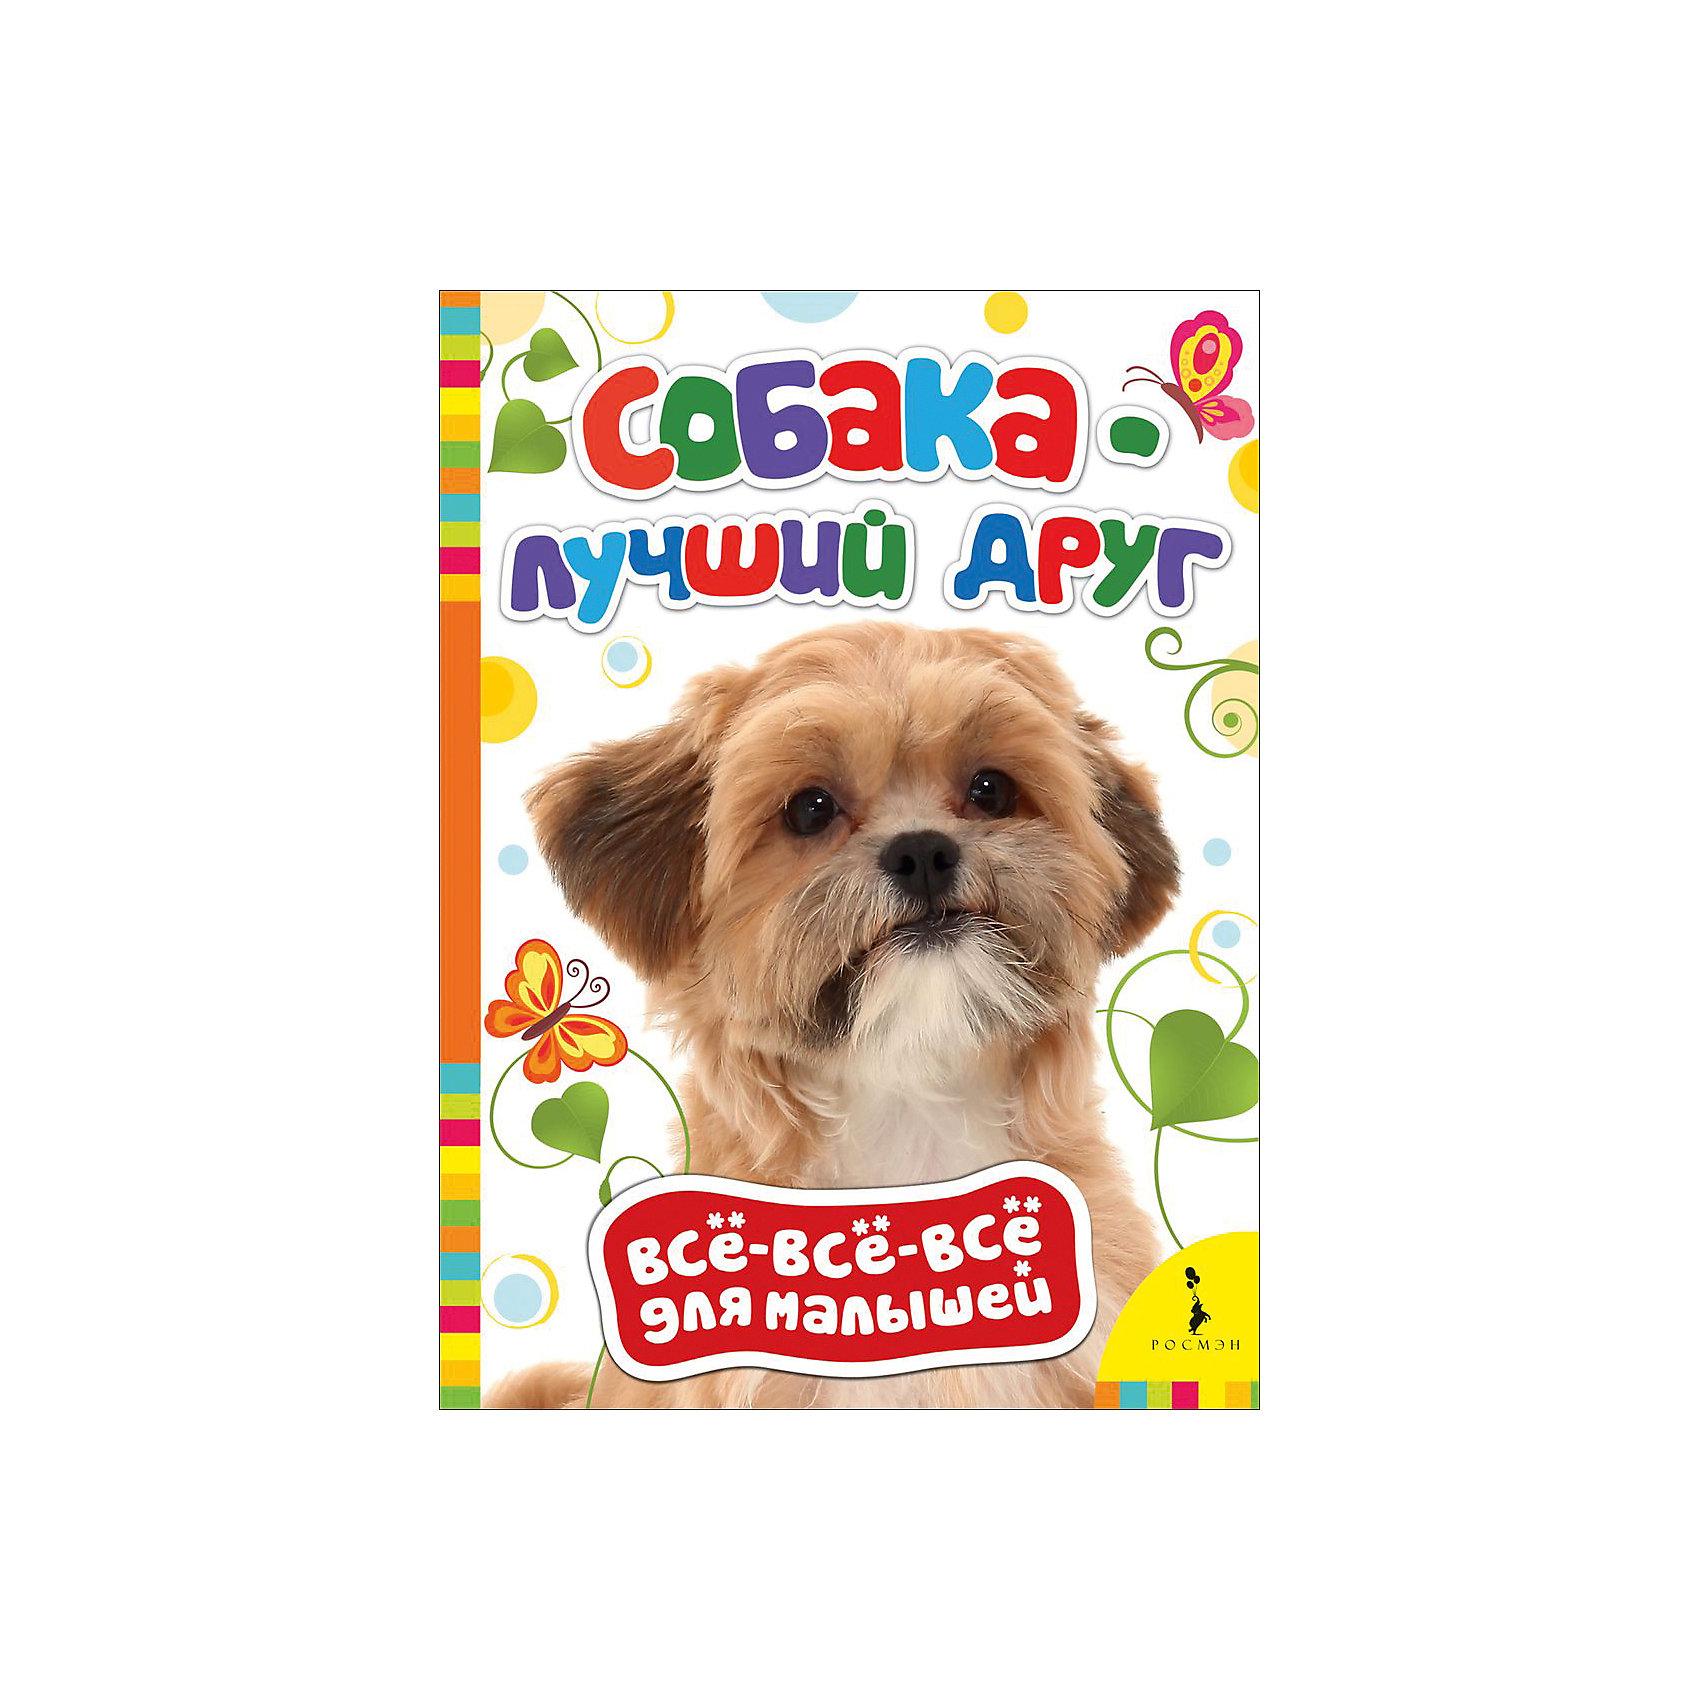 Собака - лучший друг, Всё-всё-всё для малышейРосмэн<br>Характеристики товара:<br><br>- цвет: разноцветный;<br>- материал: бумага;<br>- страниц: 8;<br>- формат: 16 х 22 см;<br>- обложка: твердая;<br>- иллюстрации.<br><br>Эта интересная книга с иллюстрациями станет отличным подарком для ребенка. Она поможет малышу расширить словарный запас, узнать новое и равить навыки общения. Талантливый иллюстратор дополнил книгу качественными рисунками, которые помогают ребенку познавать мир.<br>Чтение - отличный способ активизации мышления, оно помогает ребенку развивать зрительную память, концентрацию внимания и воображение. Издание произведено из качественных материалов, которые безопасны даже для самых маленьких.<br><br>Книгу Собака - лучший друг, Всё-всё-всё для малышей от компании Росмэн можно купить в нашем интернет-магазине.<br><br>Ширина мм: 220<br>Глубина мм: 160<br>Высота мм: 4<br>Вес г: 109<br>Возраст от месяцев: 0<br>Возраст до месяцев: 36<br>Пол: Унисекс<br>Возраст: Детский<br>SKU: 5110249